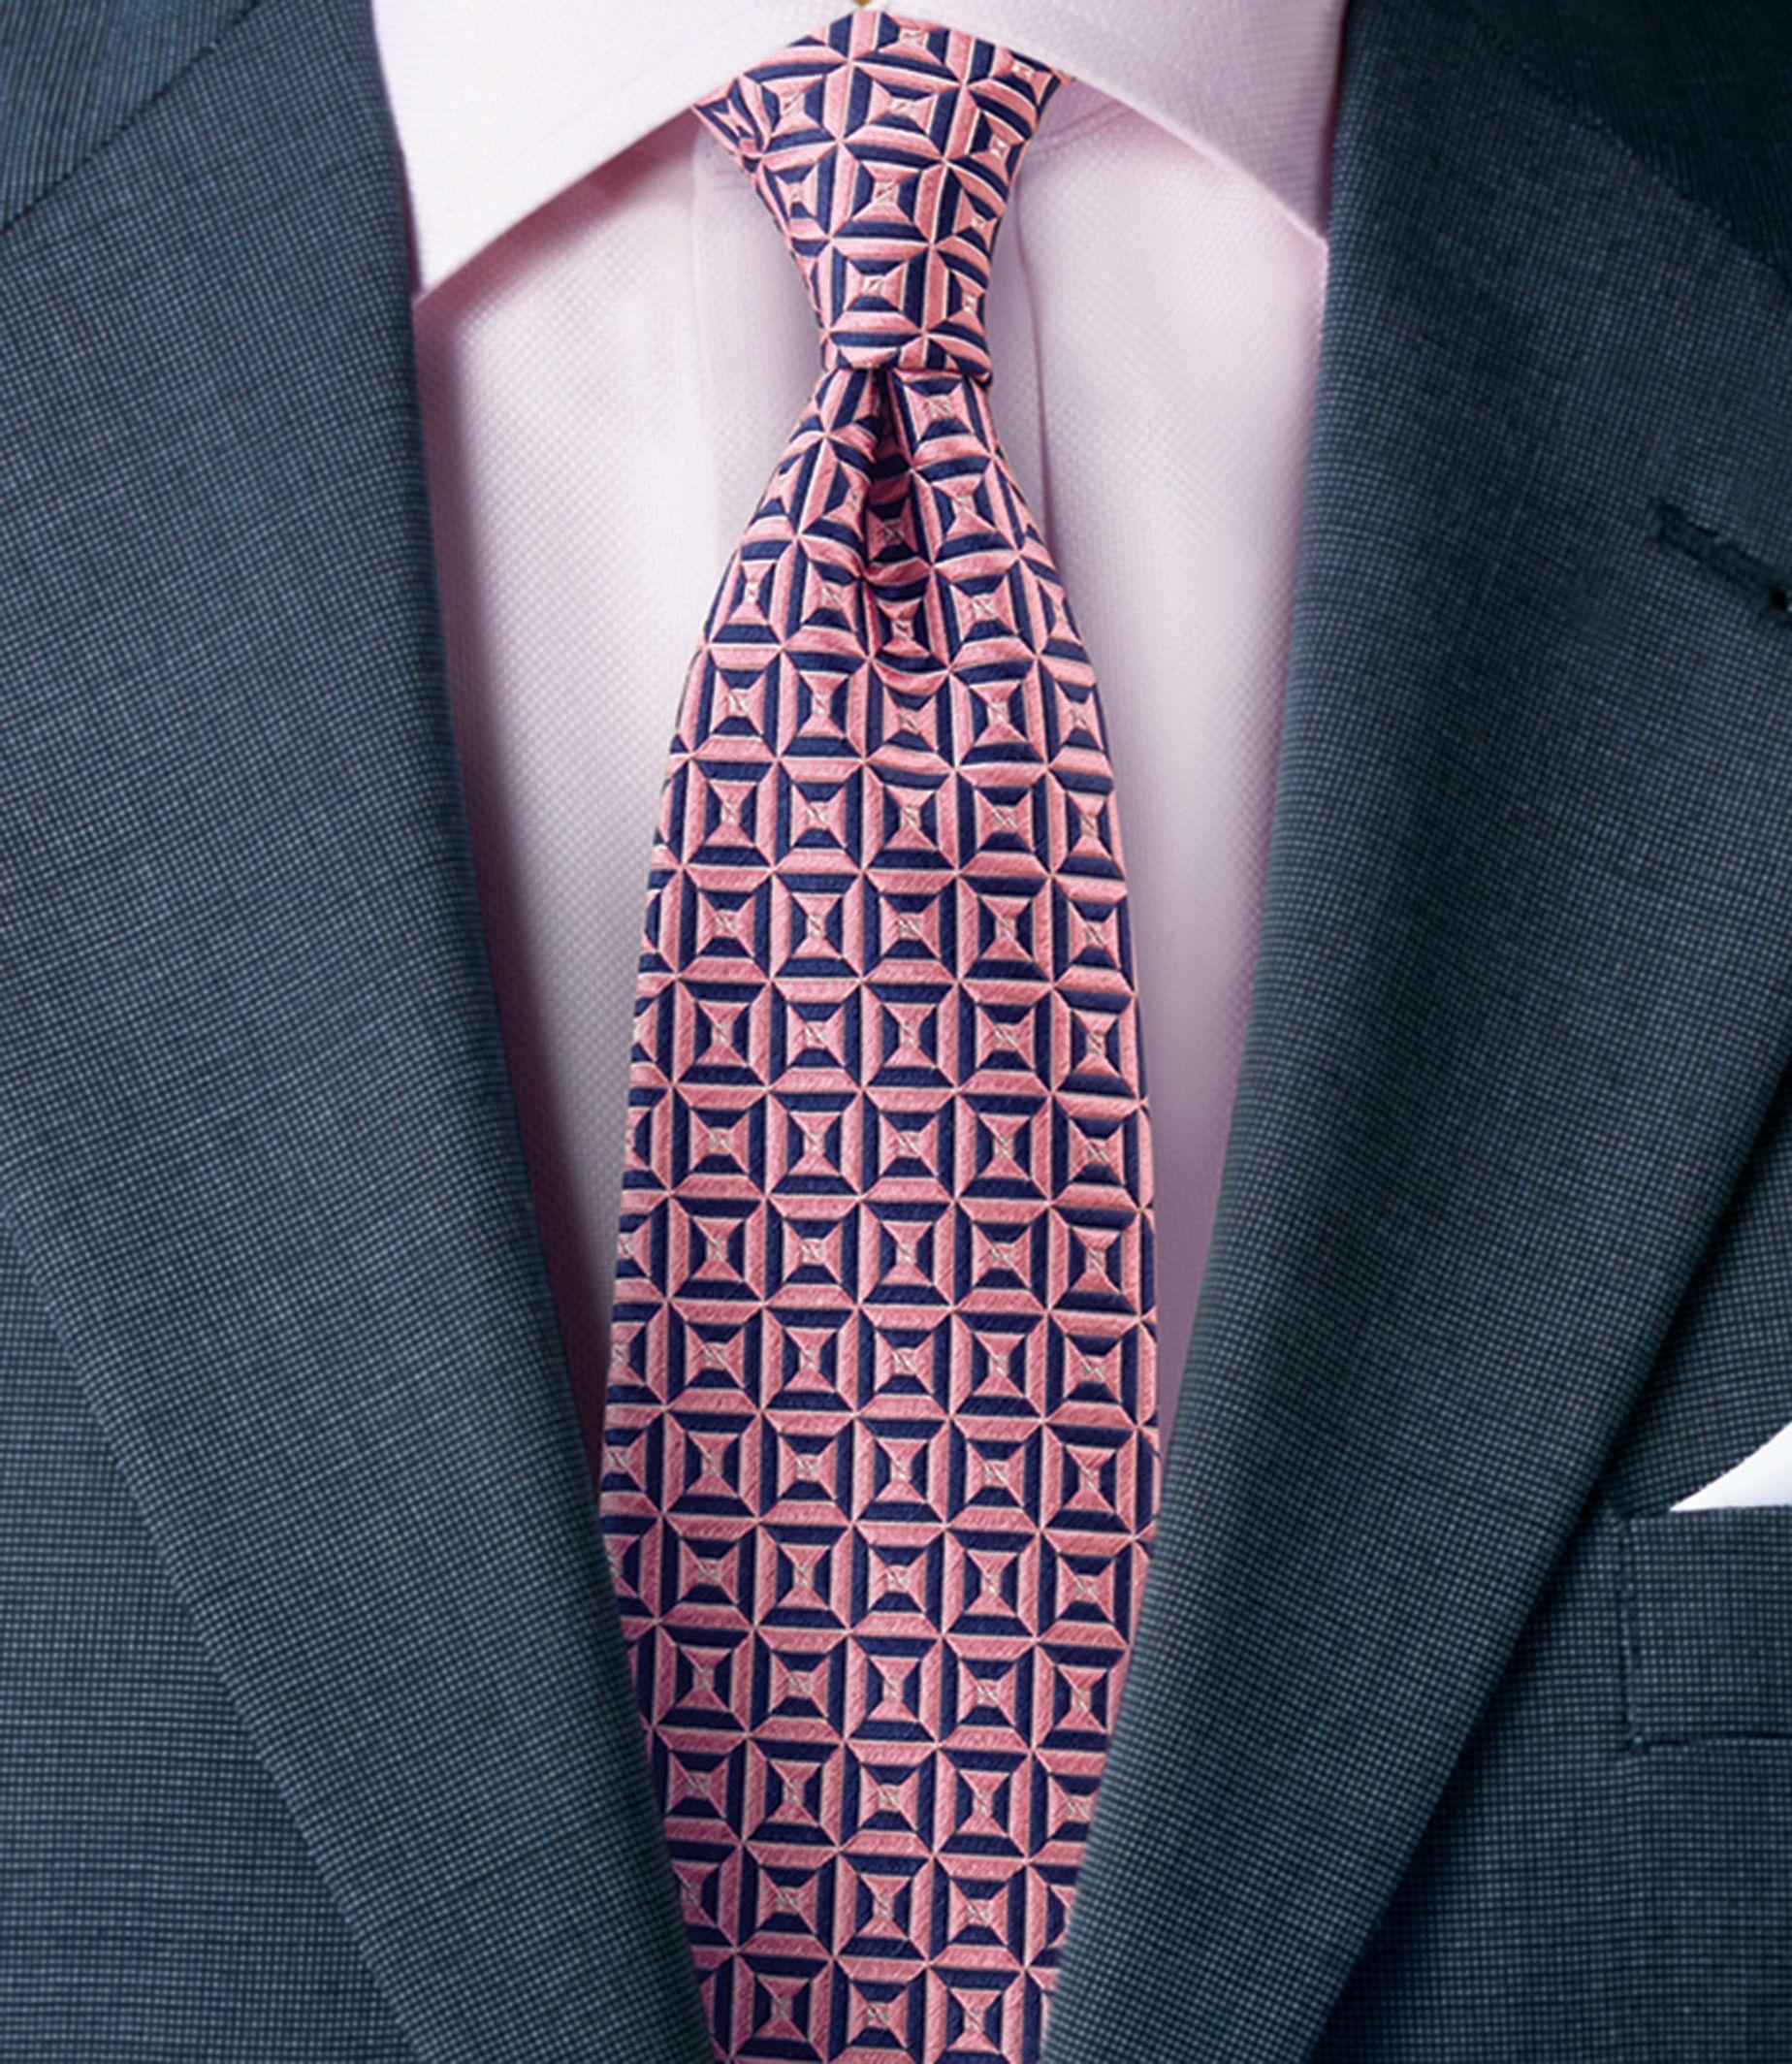 Signature Diamonds Tie